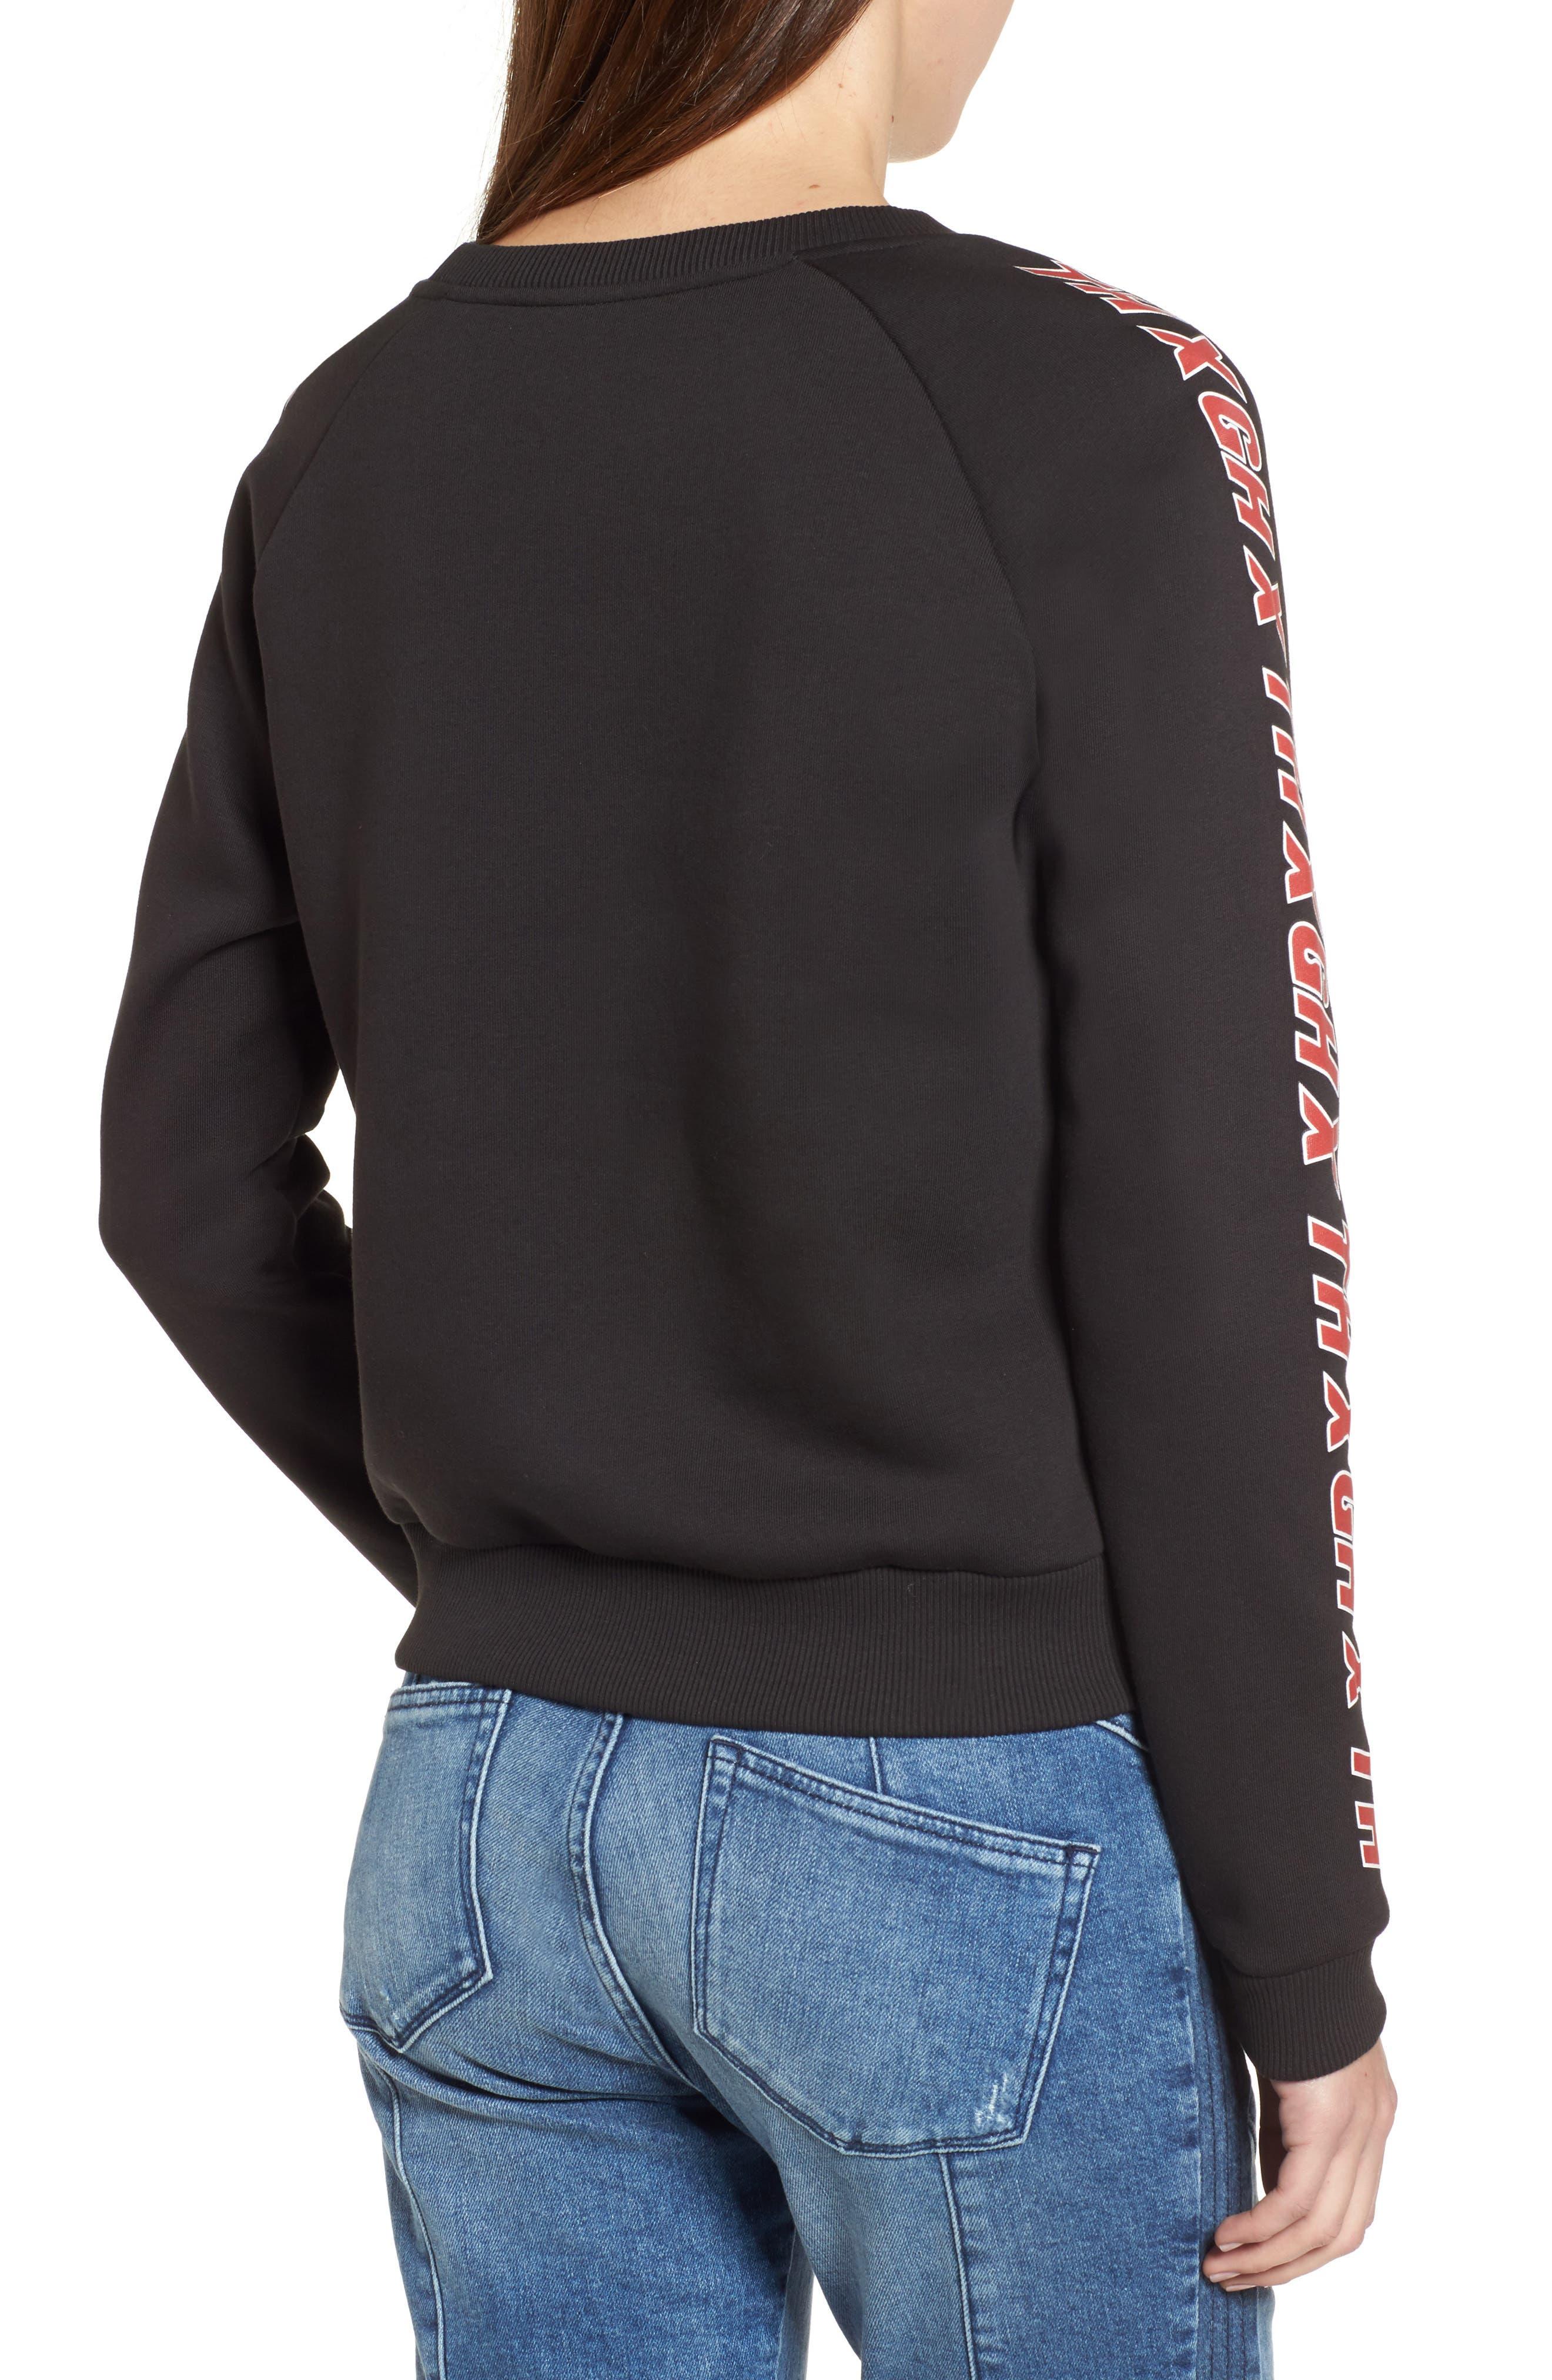 Alternate Image 2  - TOMMY JEANS x Gigi Hadid Team Sweatshirt